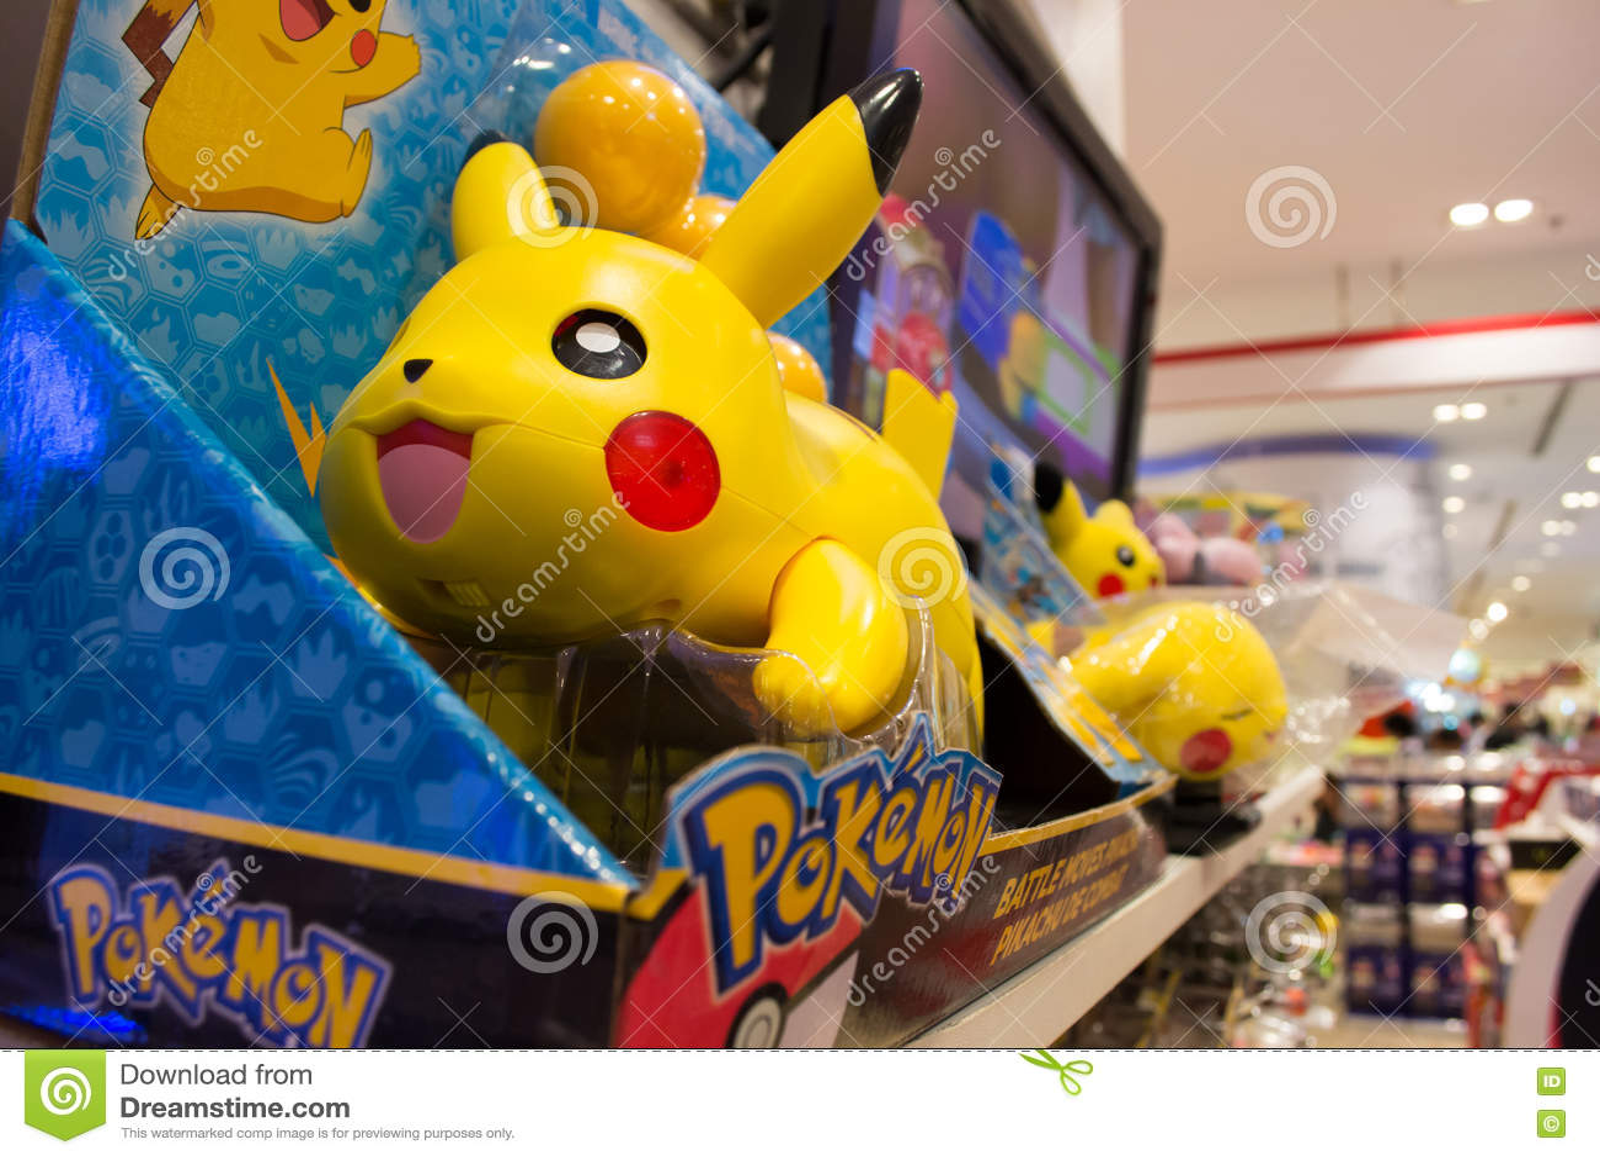 Juguetes de pokemon imagen editorial imagen de estante - Estantes para juguetes ...